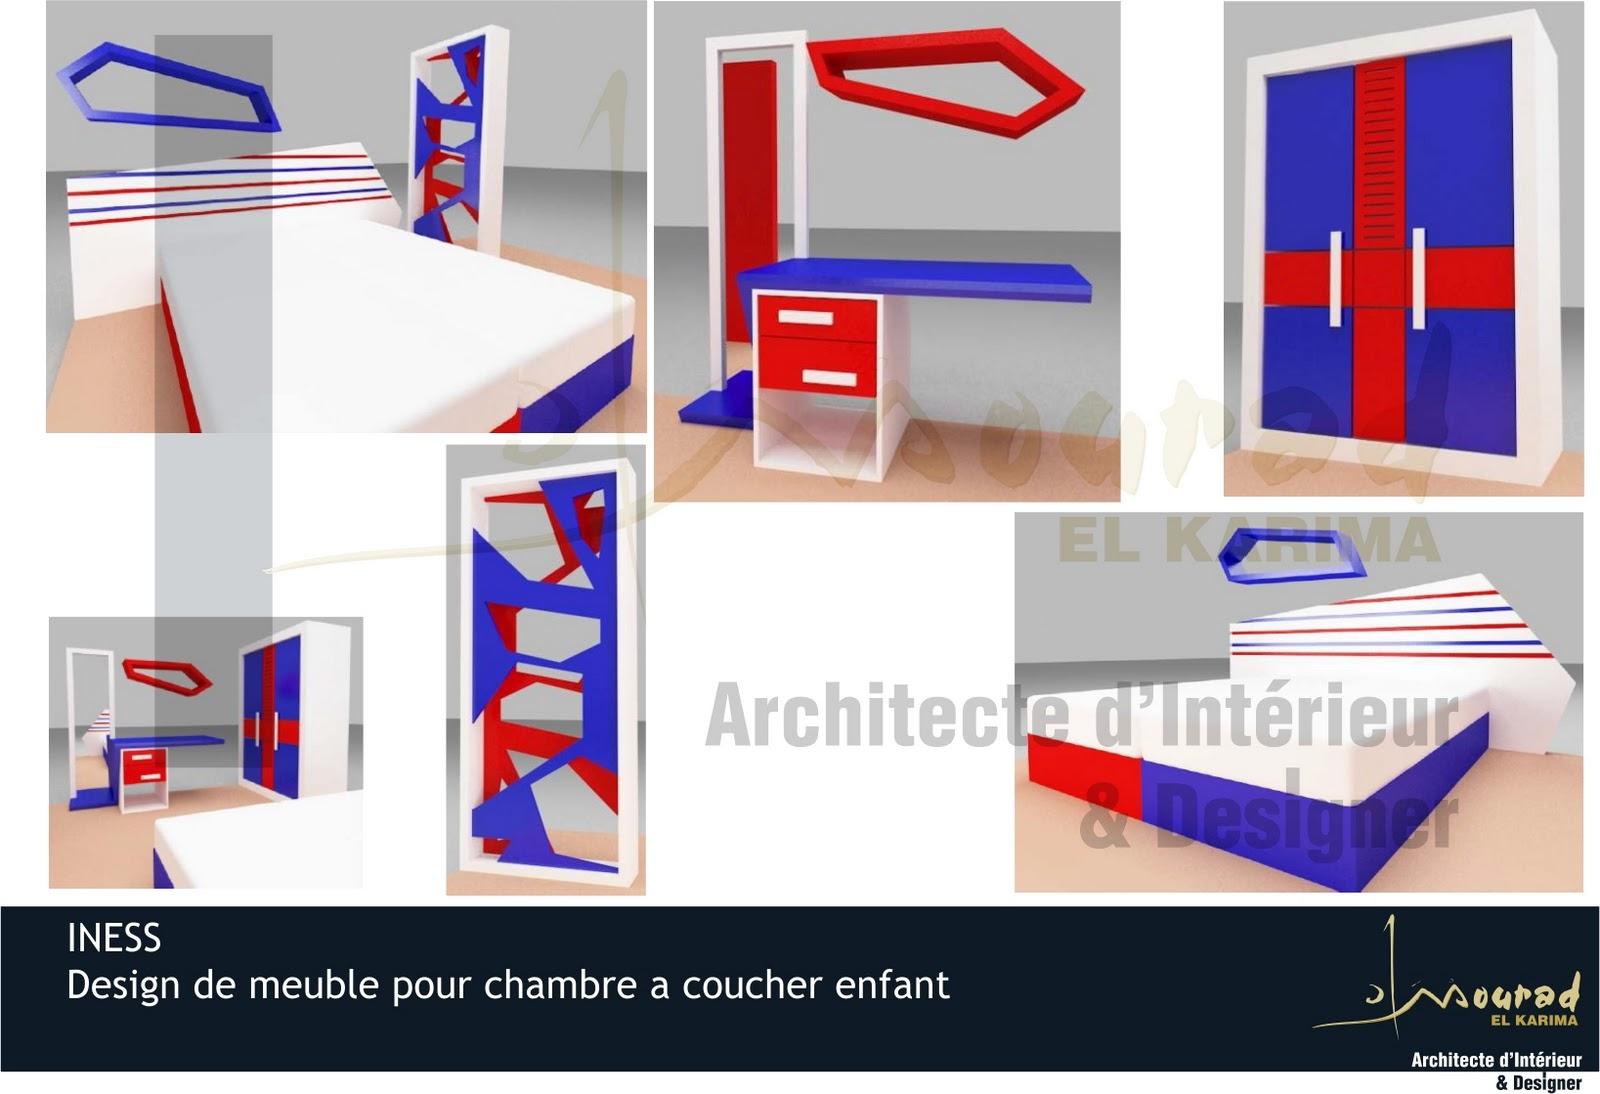 Iness design de meuble pour chambre a coucher enfant for Meuble pour chambre a coucher